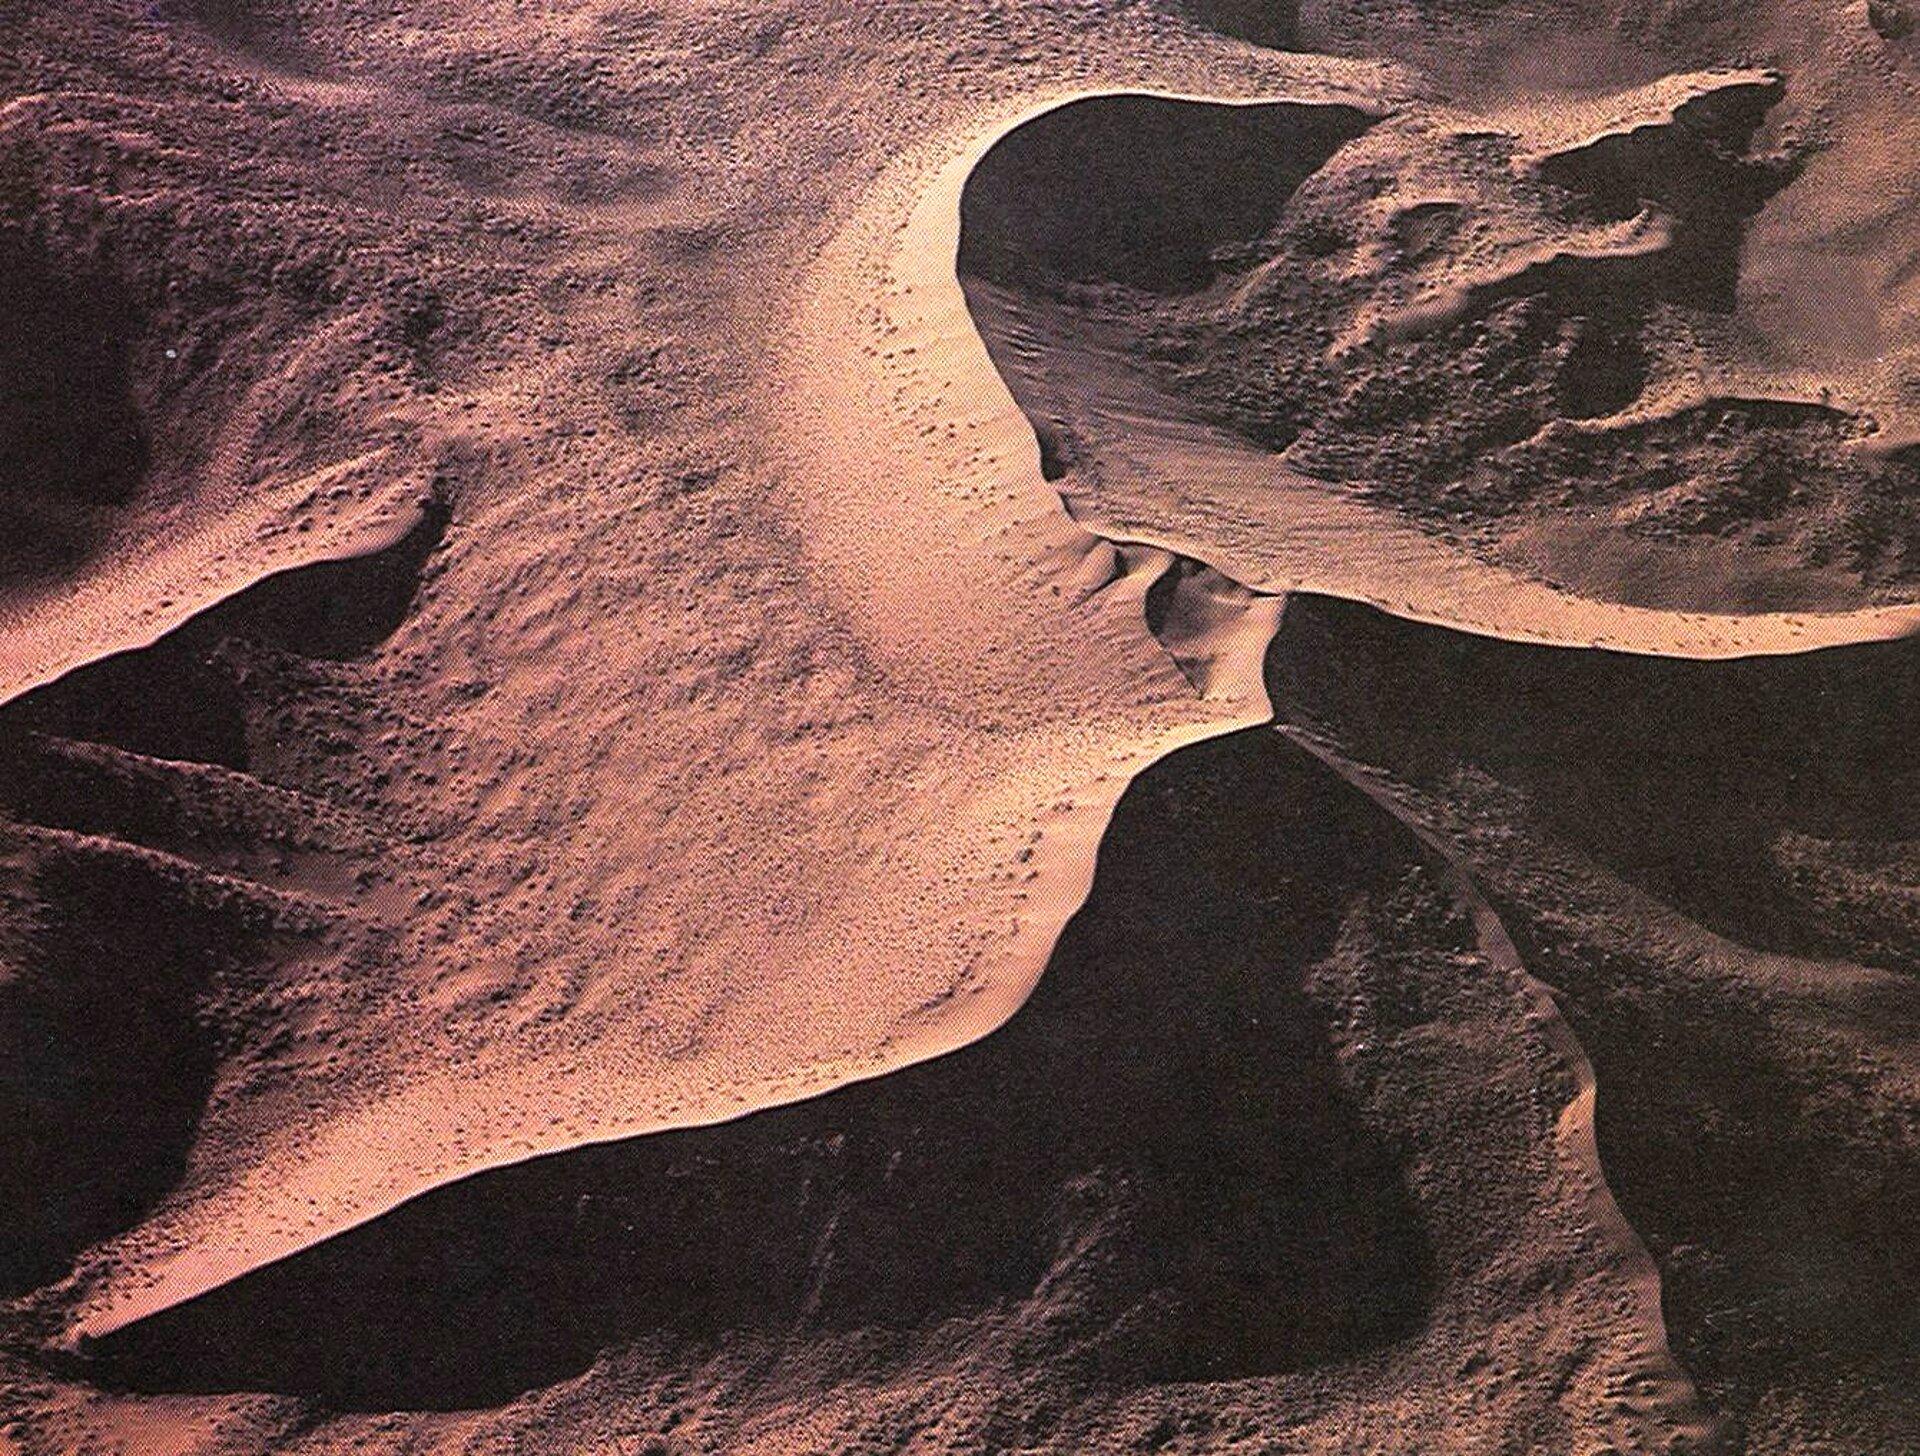 Na zdjęciu widok na wydmę gwiaździstą zlotu ptaka. Kilka wydm oróżnym położeniu styka się jednym końcem, tworząc kształt gwiazdy.